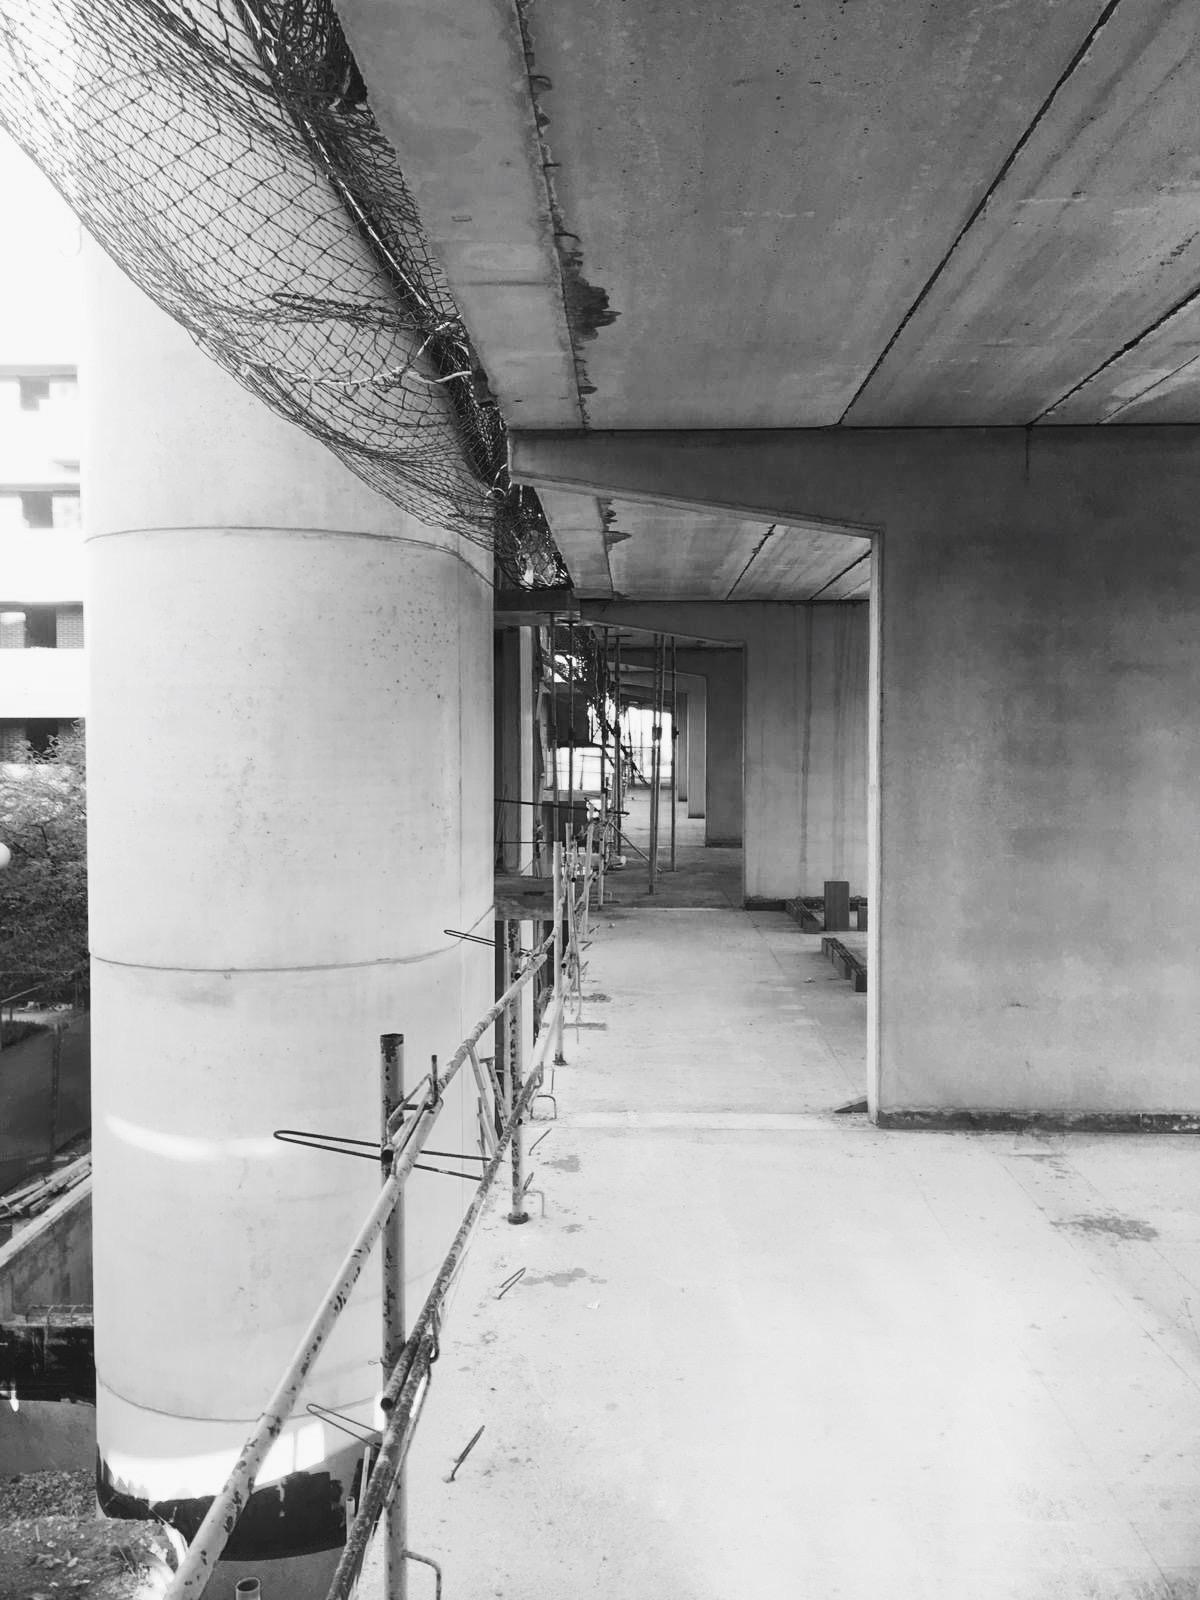 romero_vallejo_vitapolis_en_construcción_2